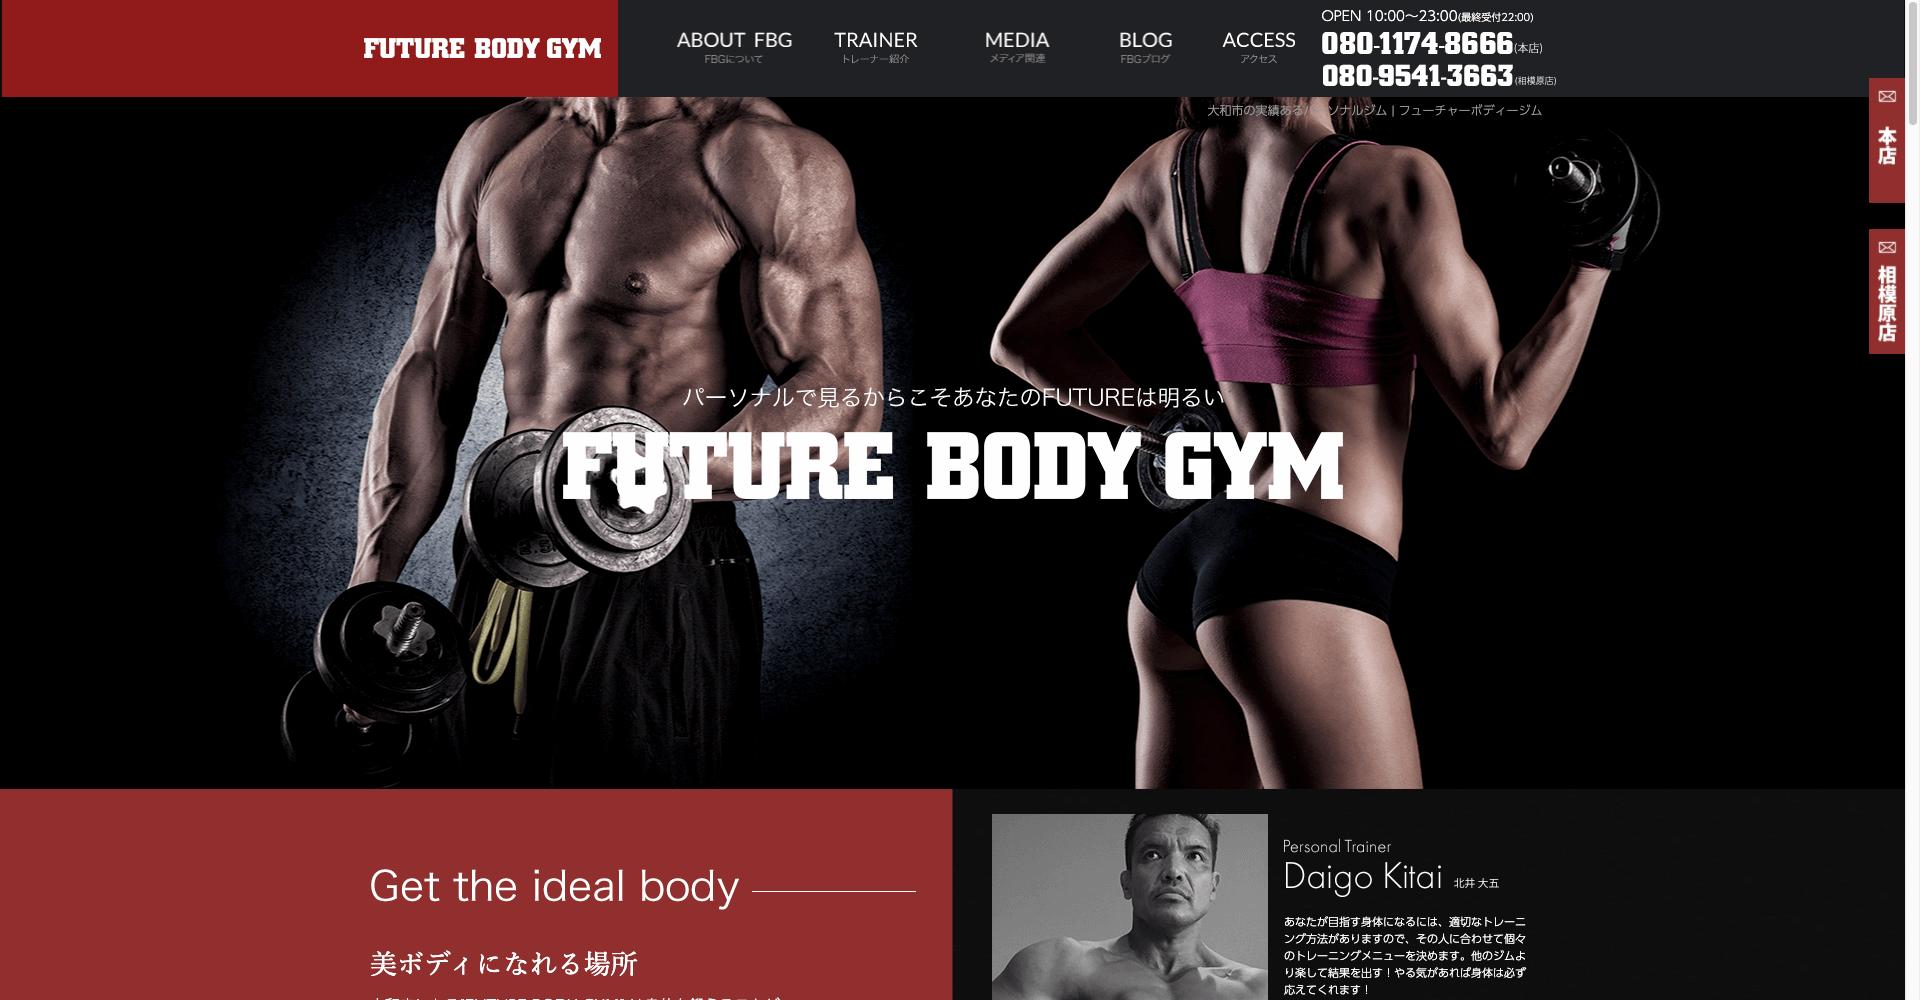 FUTURE BODY GYM(フューチャーボディジム